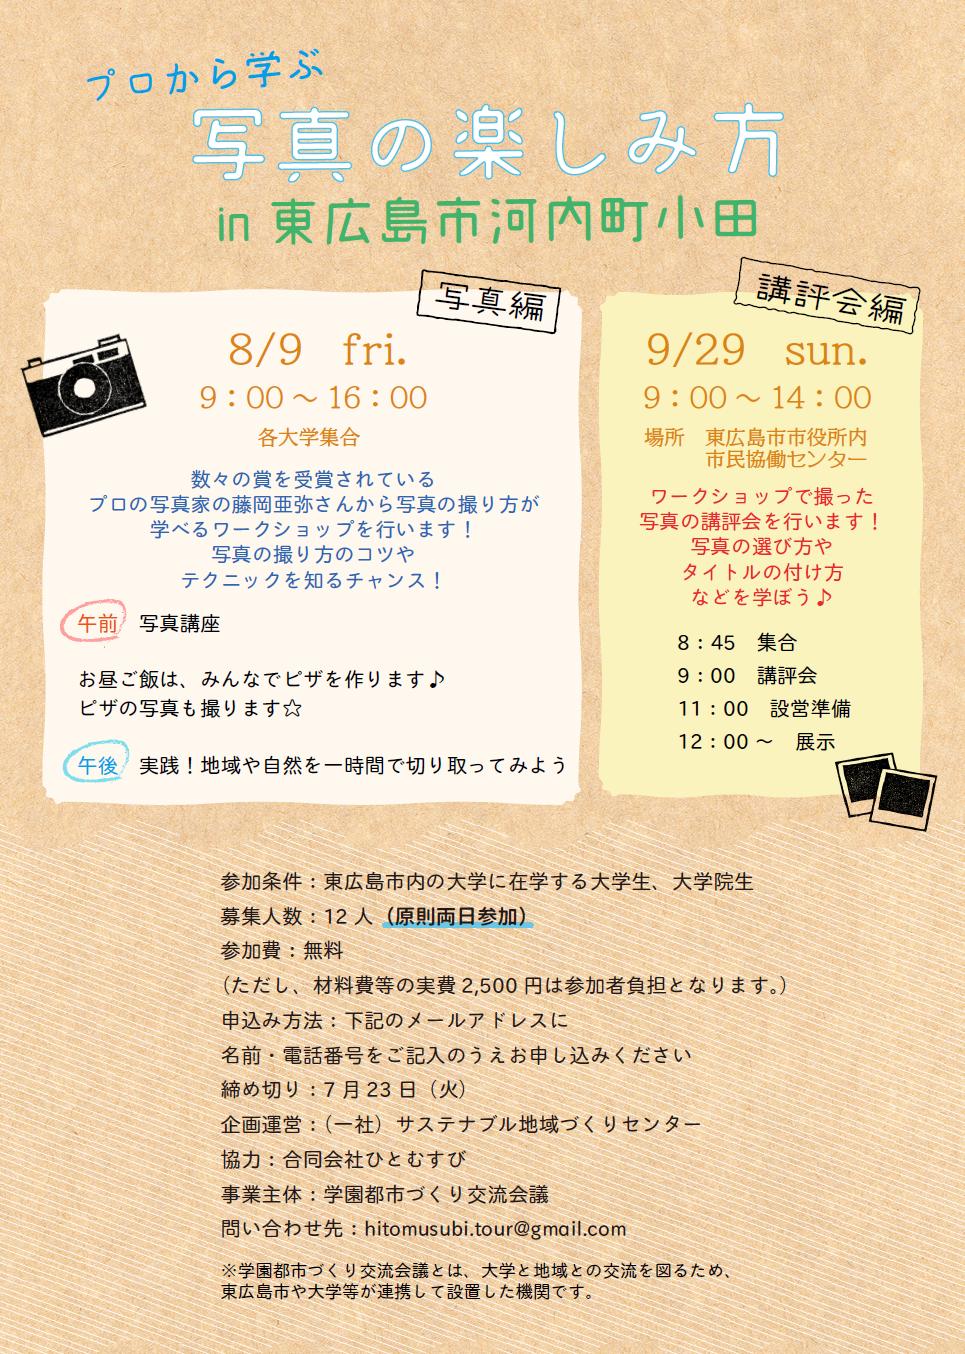 「プロから学ぶ 写真の楽しみ方」講座 参加者募集!!【東広島ひとむすび】